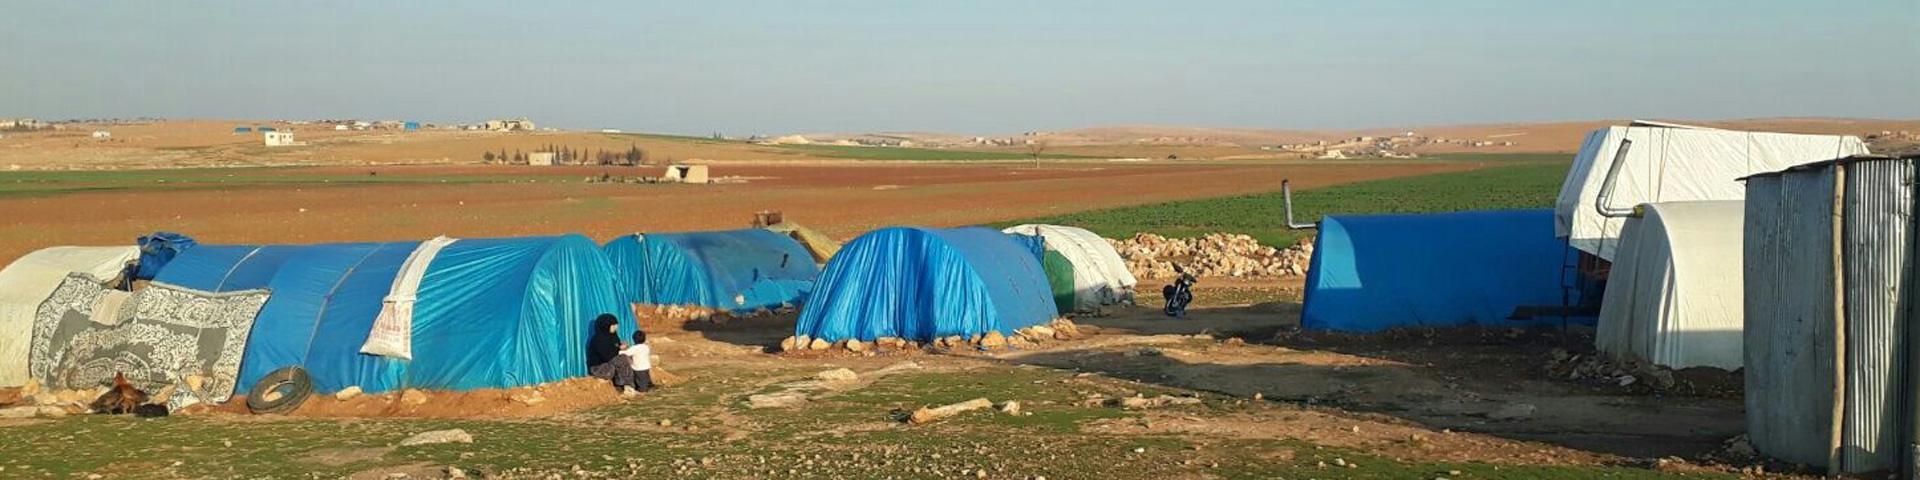 Vluchtelingenkamp voor Syrische vluchtelingen